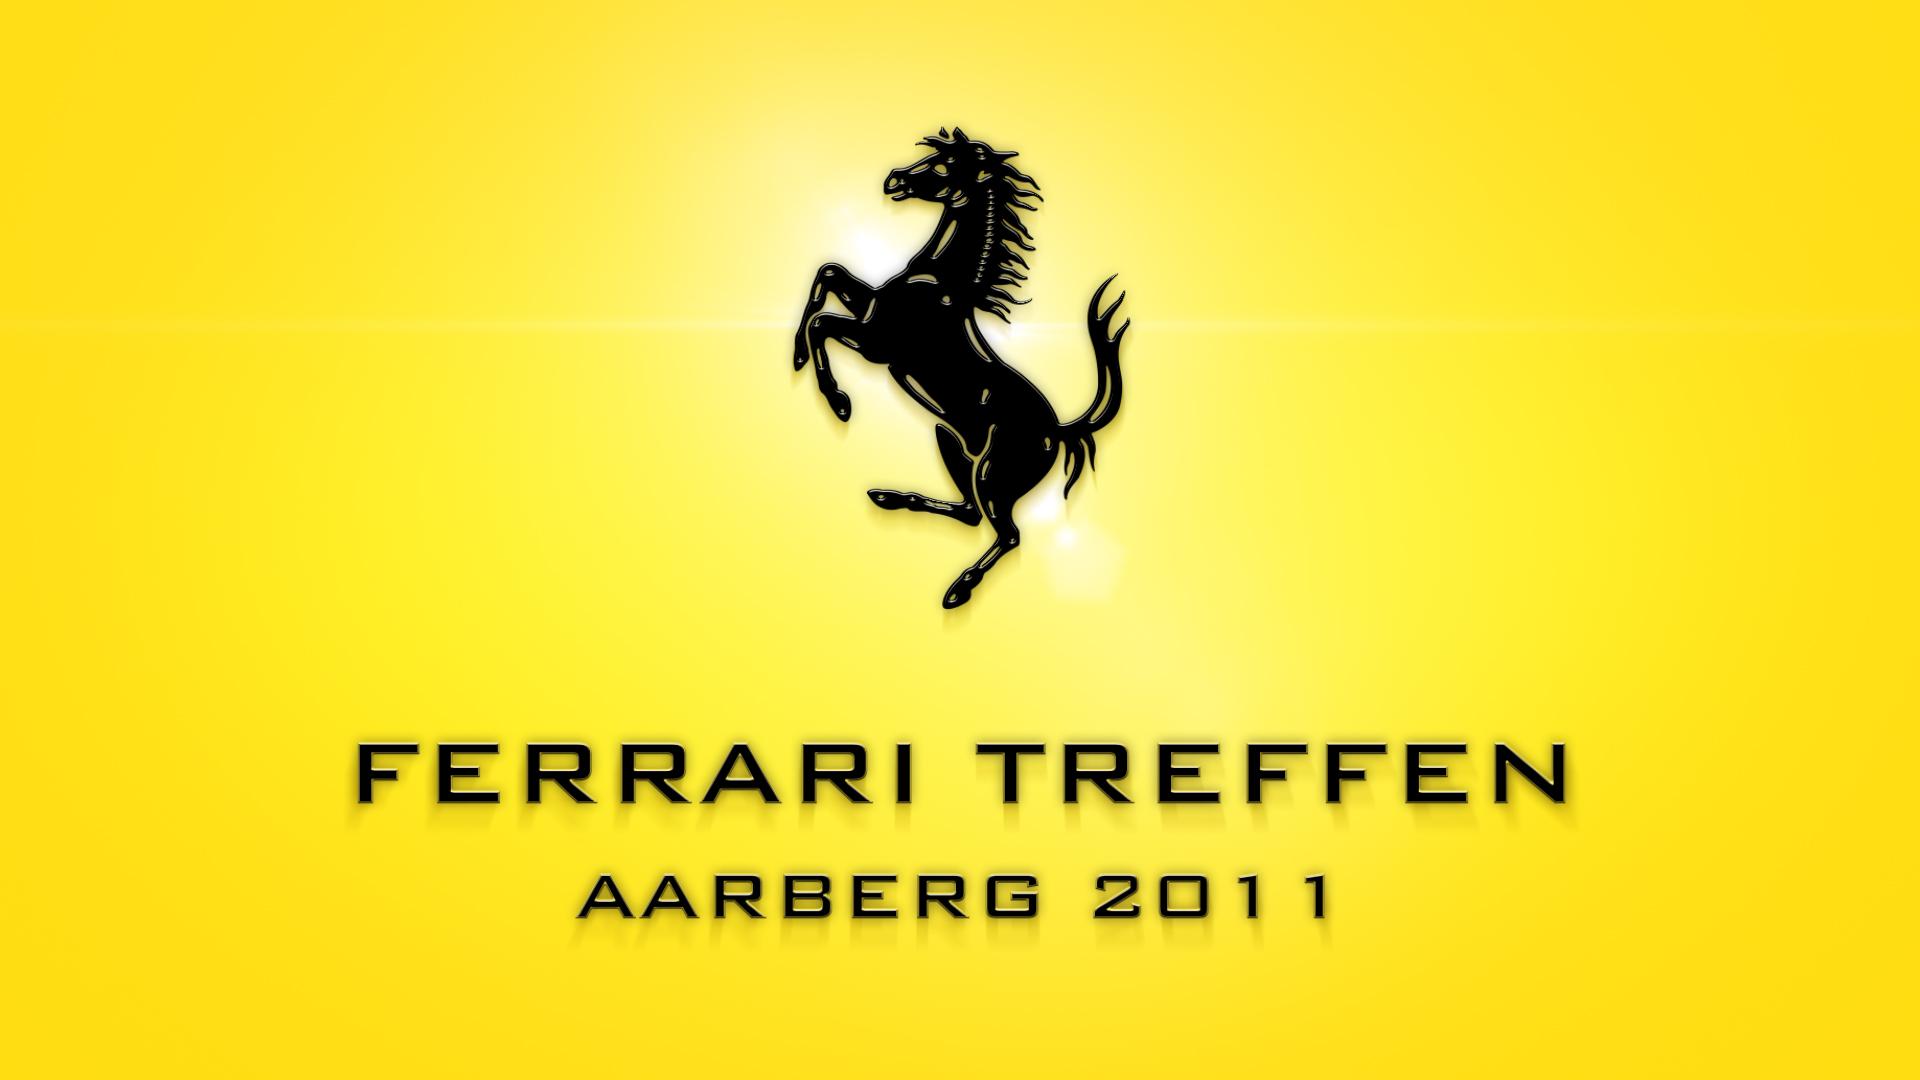 Ferrari Treffen Aarberg 2011